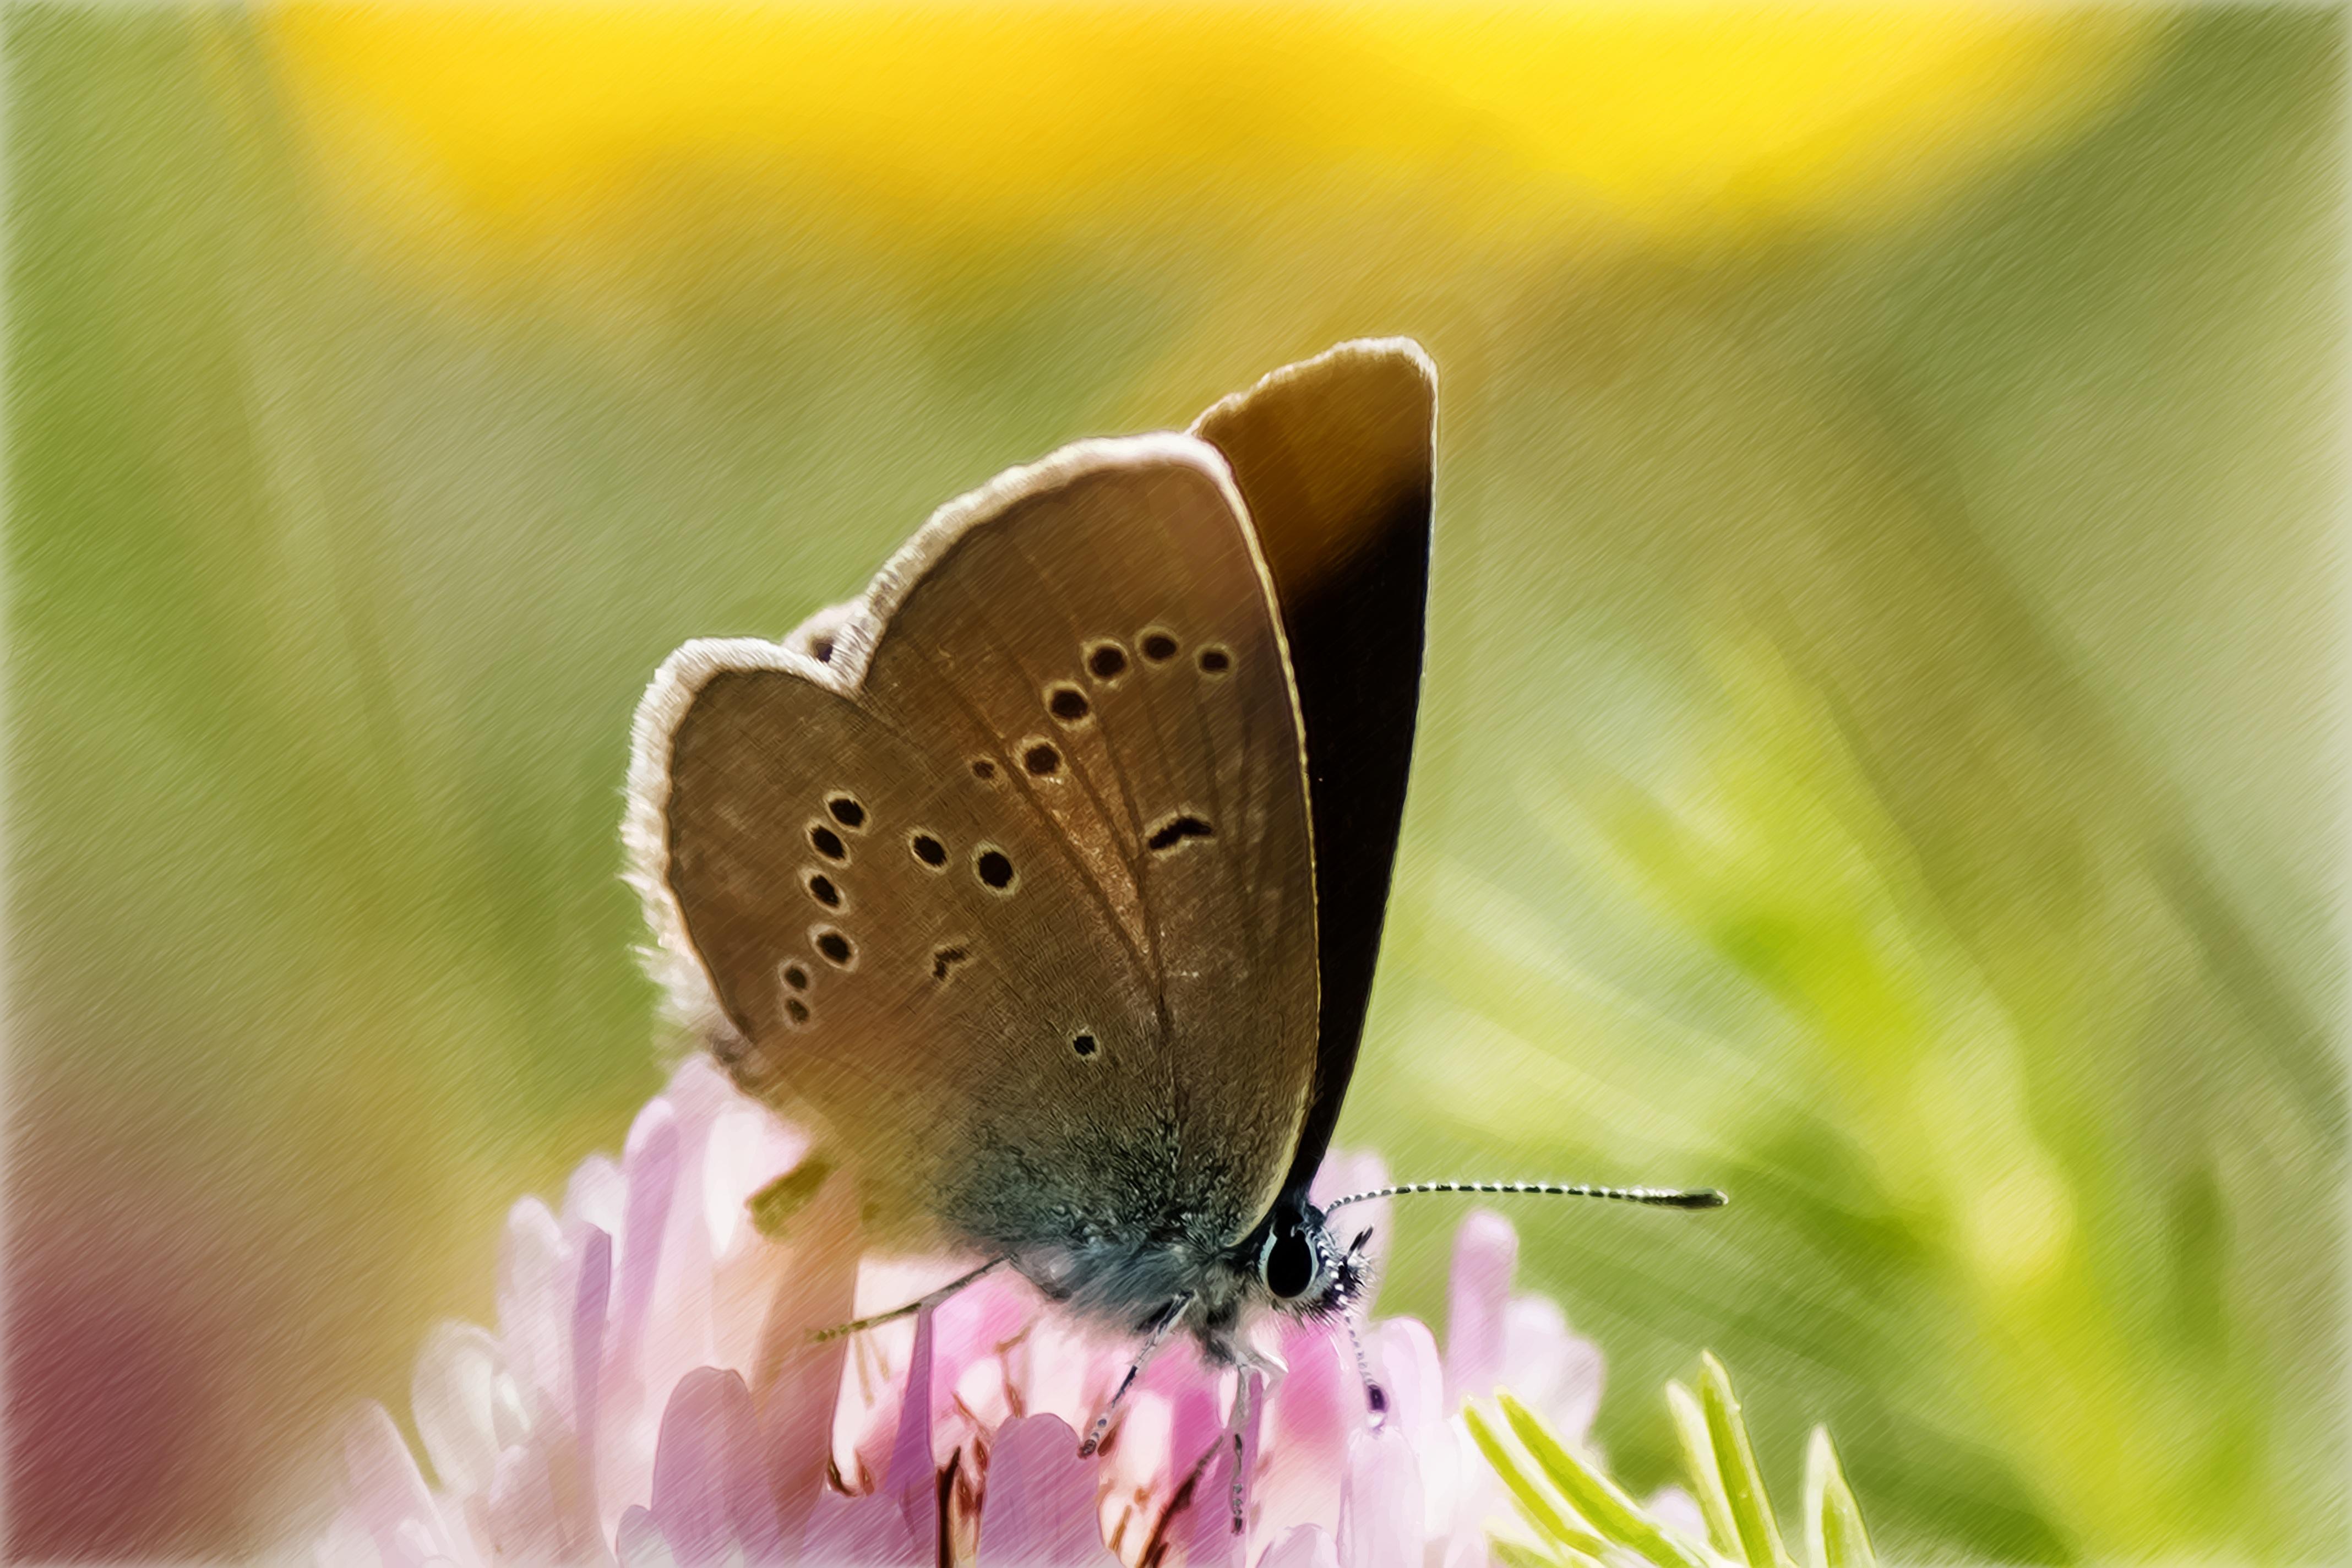 Fotos Gratis Flor Pétalo Polen Insecto Pintar Invertebrado